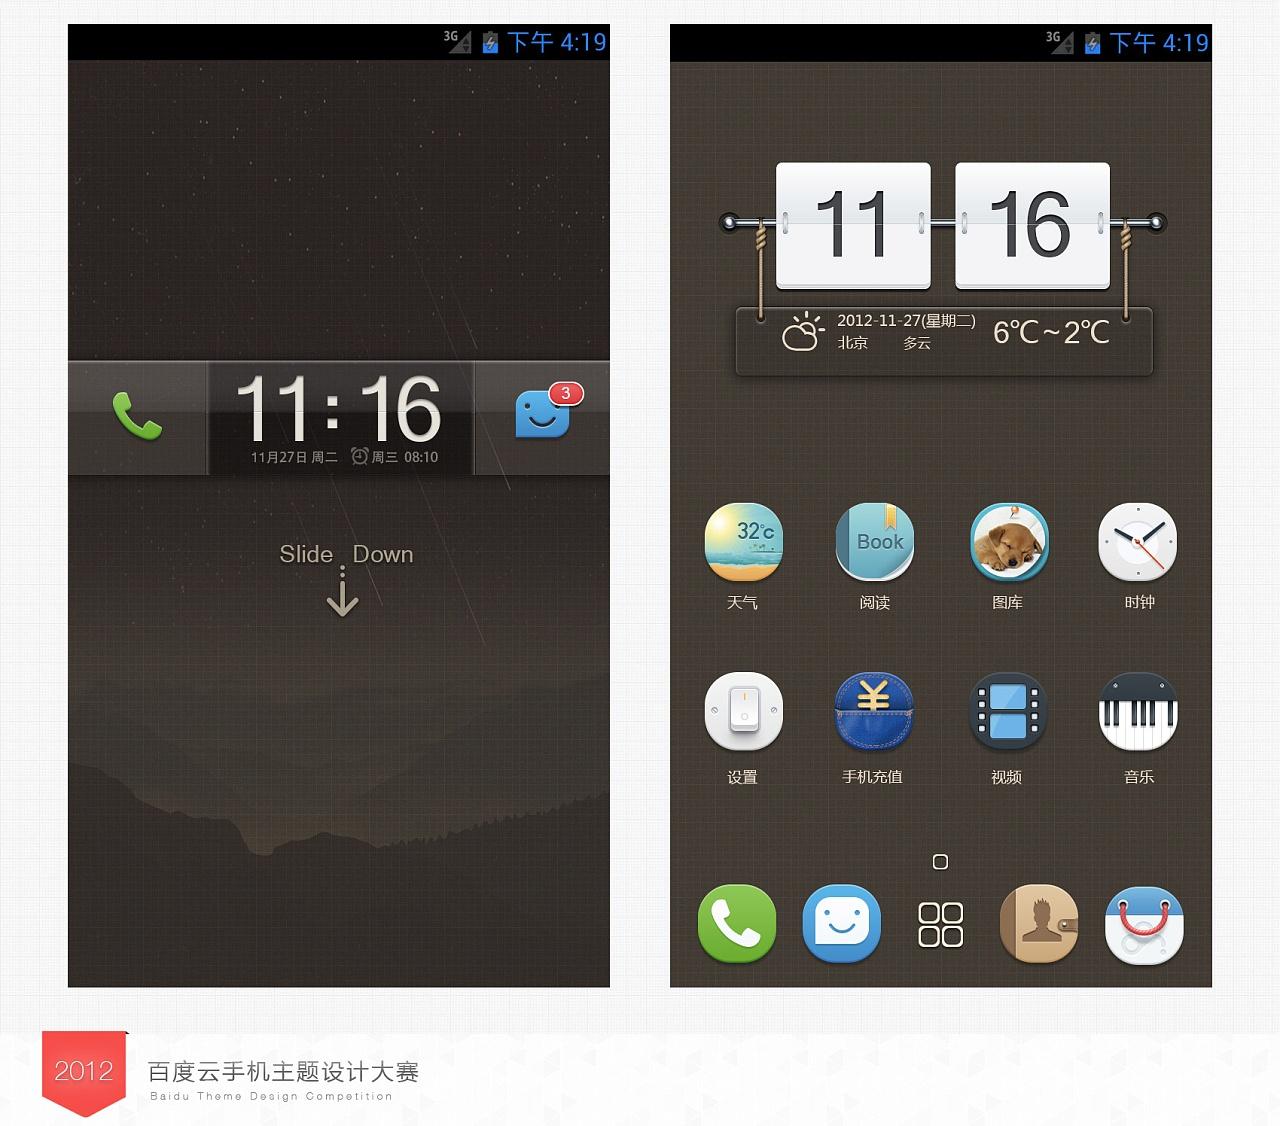 百度云7.0.1旧版本下载|百度云7.0.1手机版下载... _安粉丝手游网